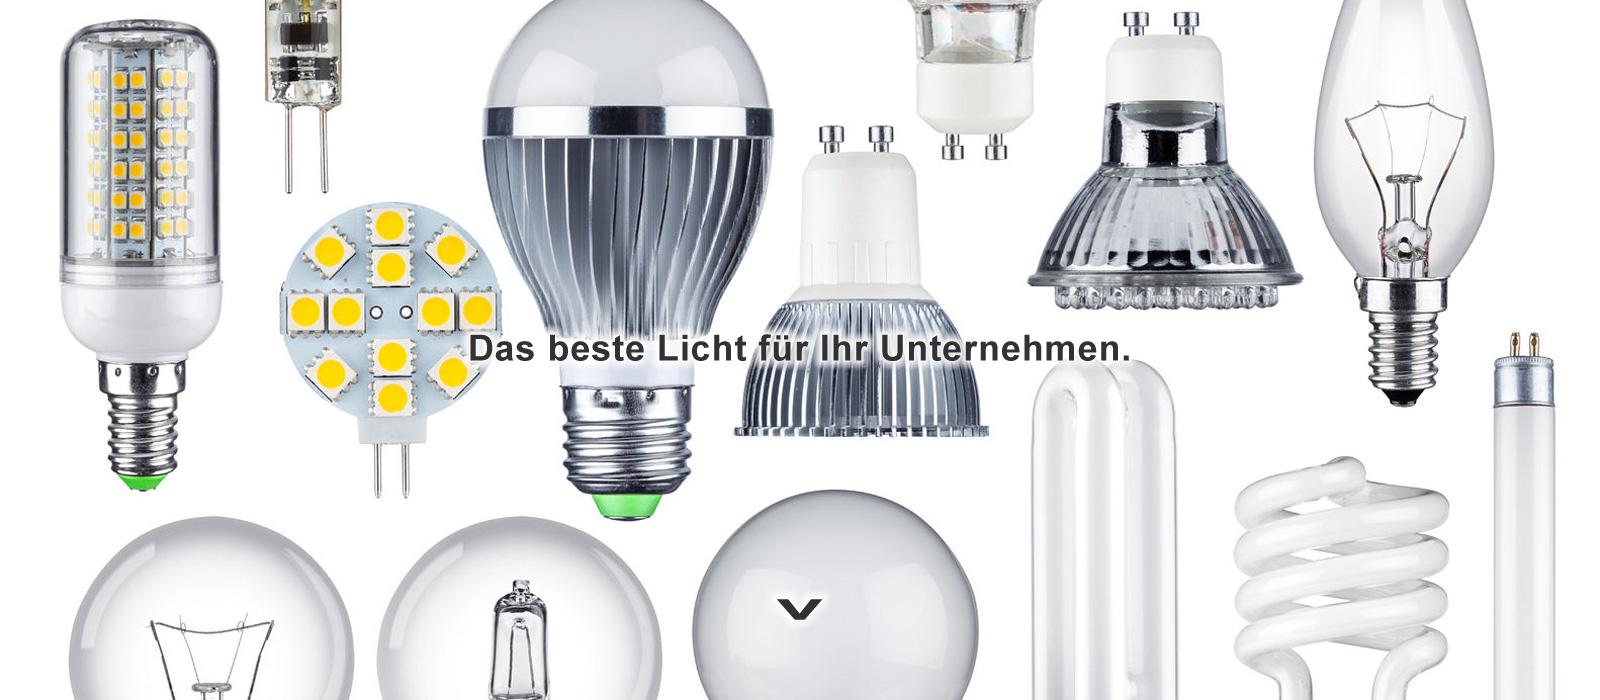 Lichtservice-Hamburg - das beste Licht für Ihr Unternehmen.